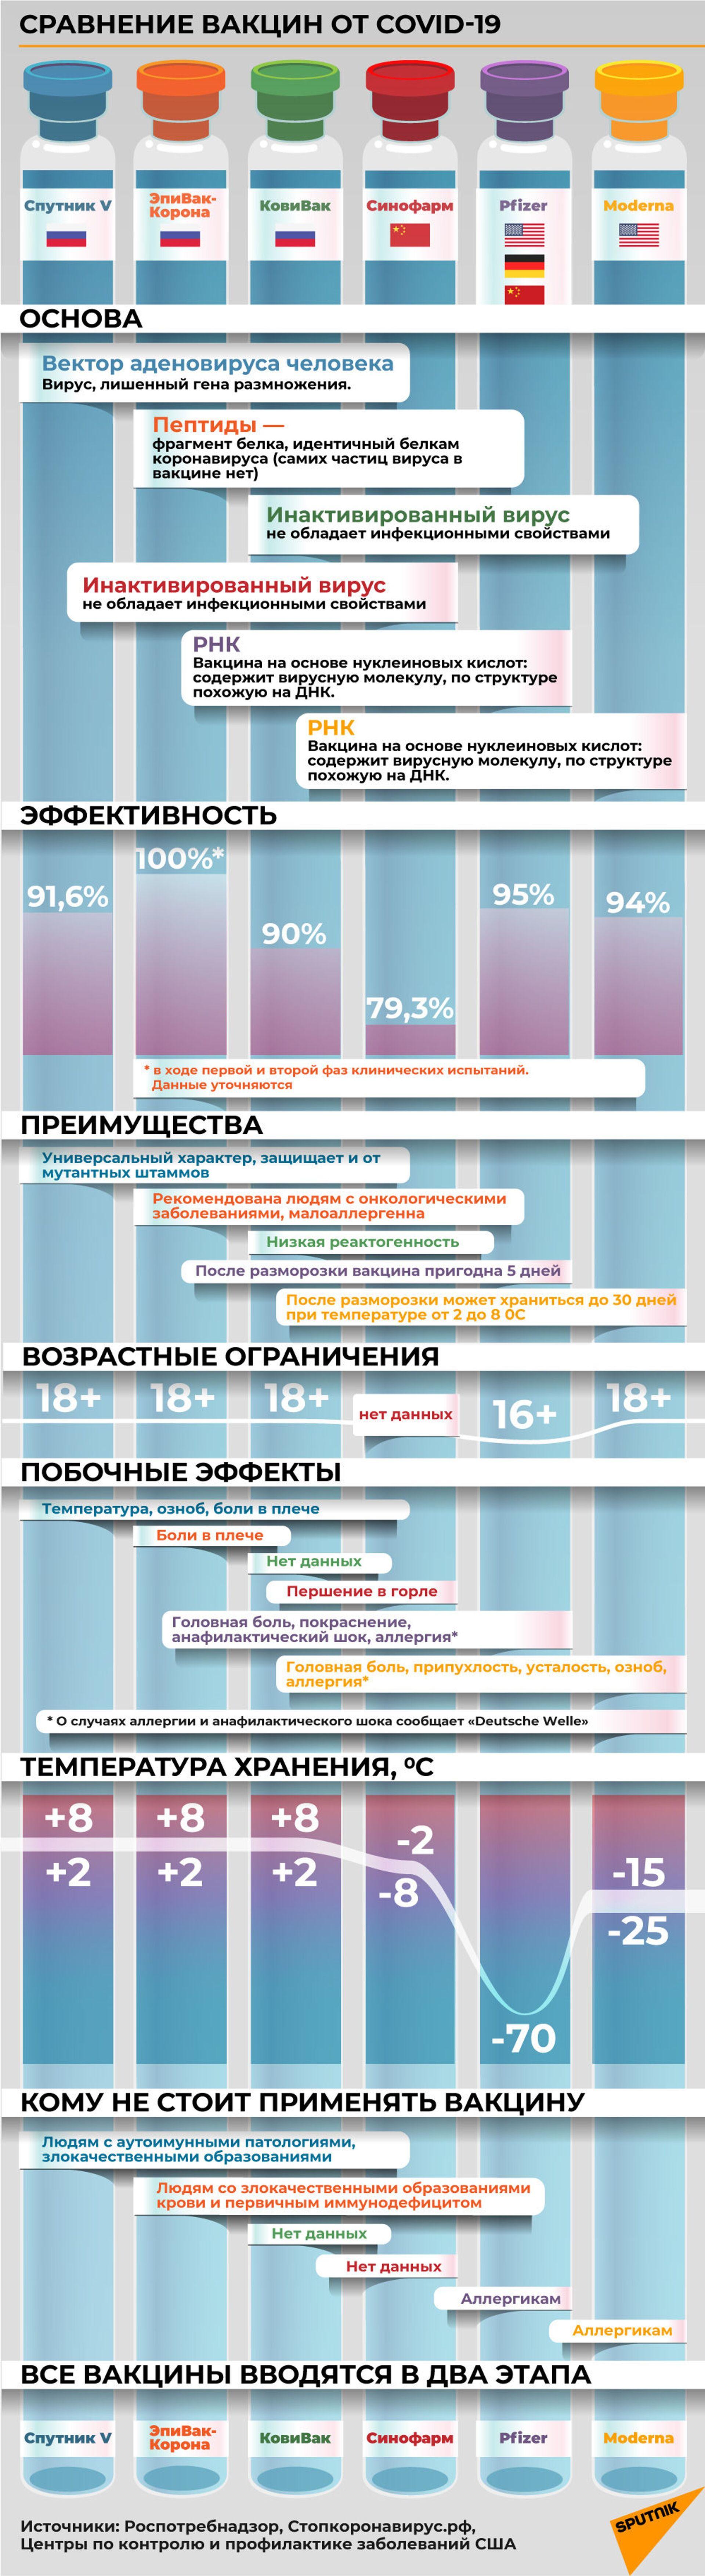 Якой вакцынай лепш прышчапіцца? 5 галоўных міфаў пра вакцынацыю - Sputnik Беларусь, 1920, 19.02.2021